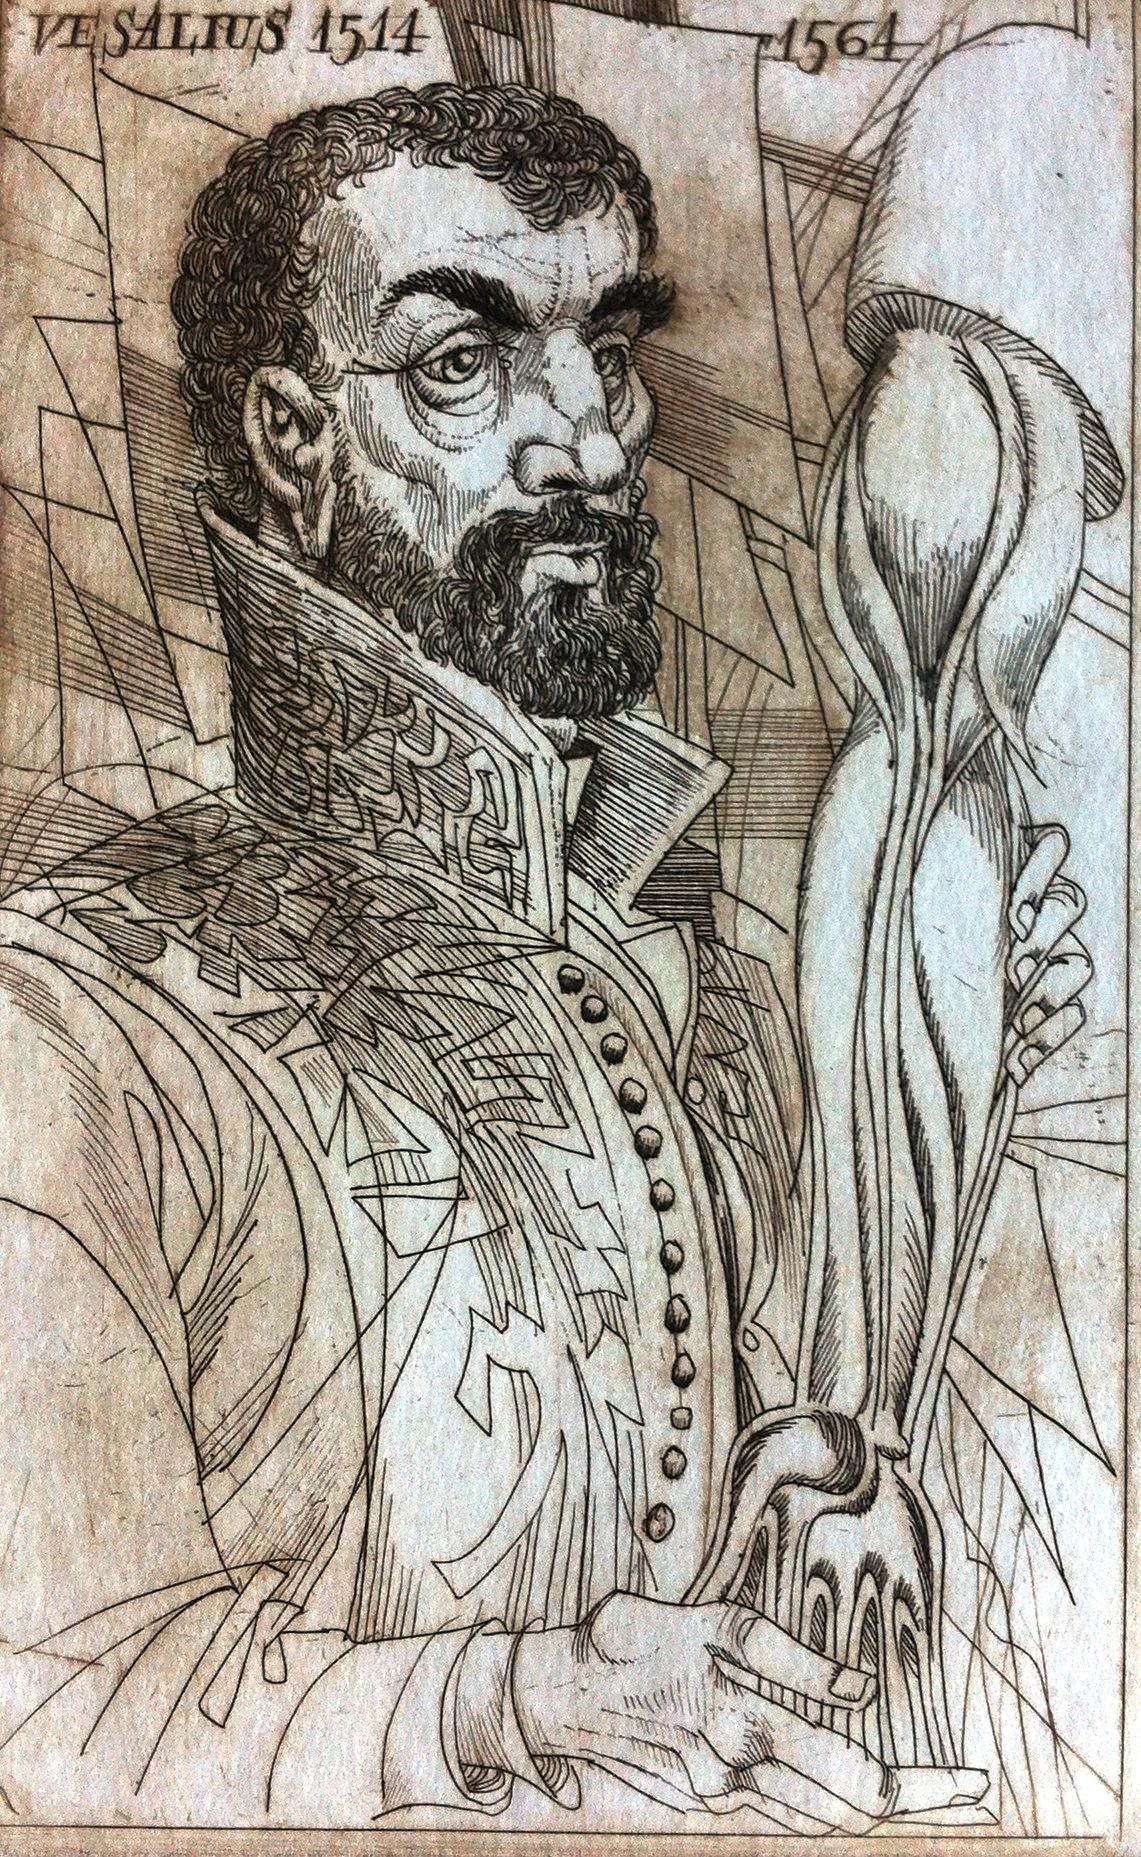 Kass, János: Doctor portraits - Vesalius 1514-1564